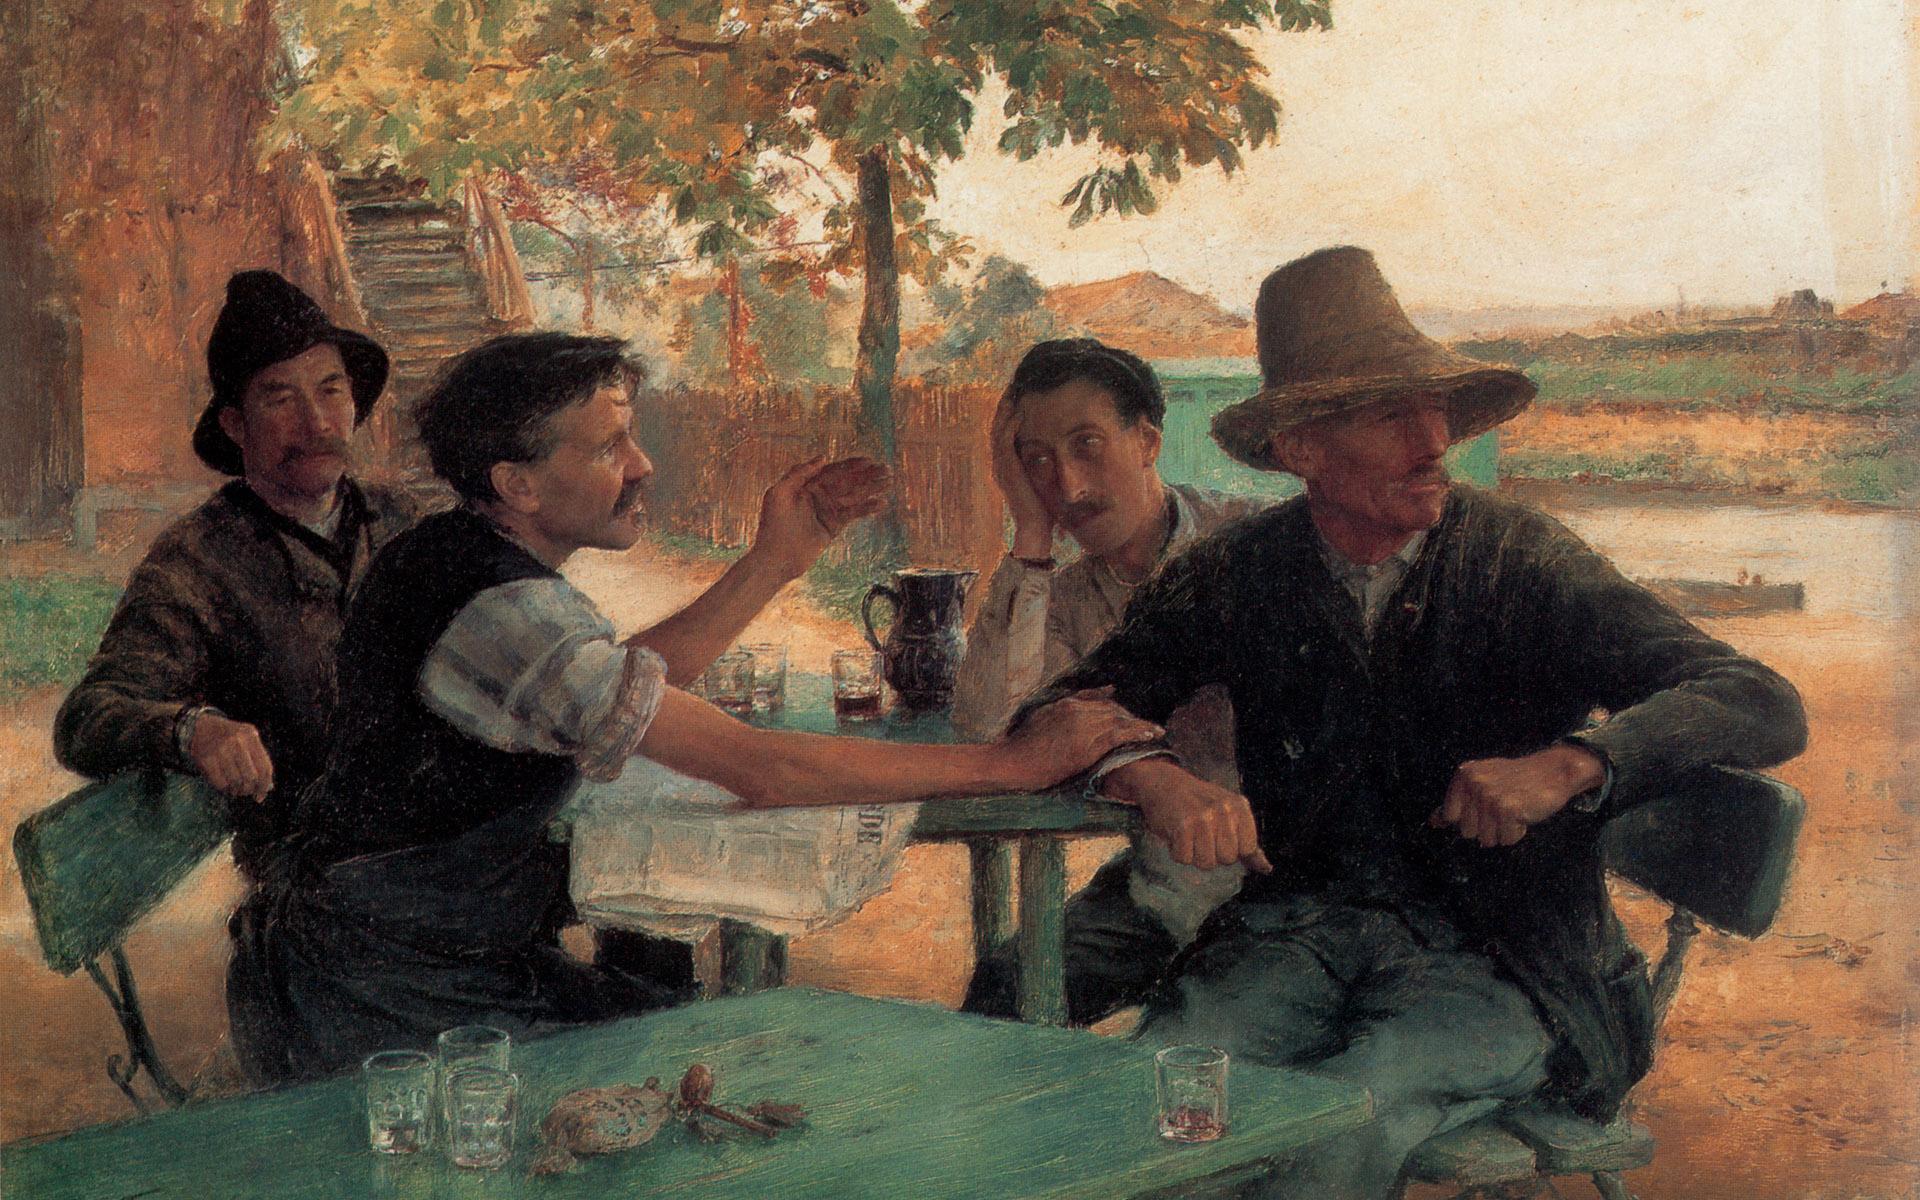 Эмиль Фриан - Спор о политике, 1889